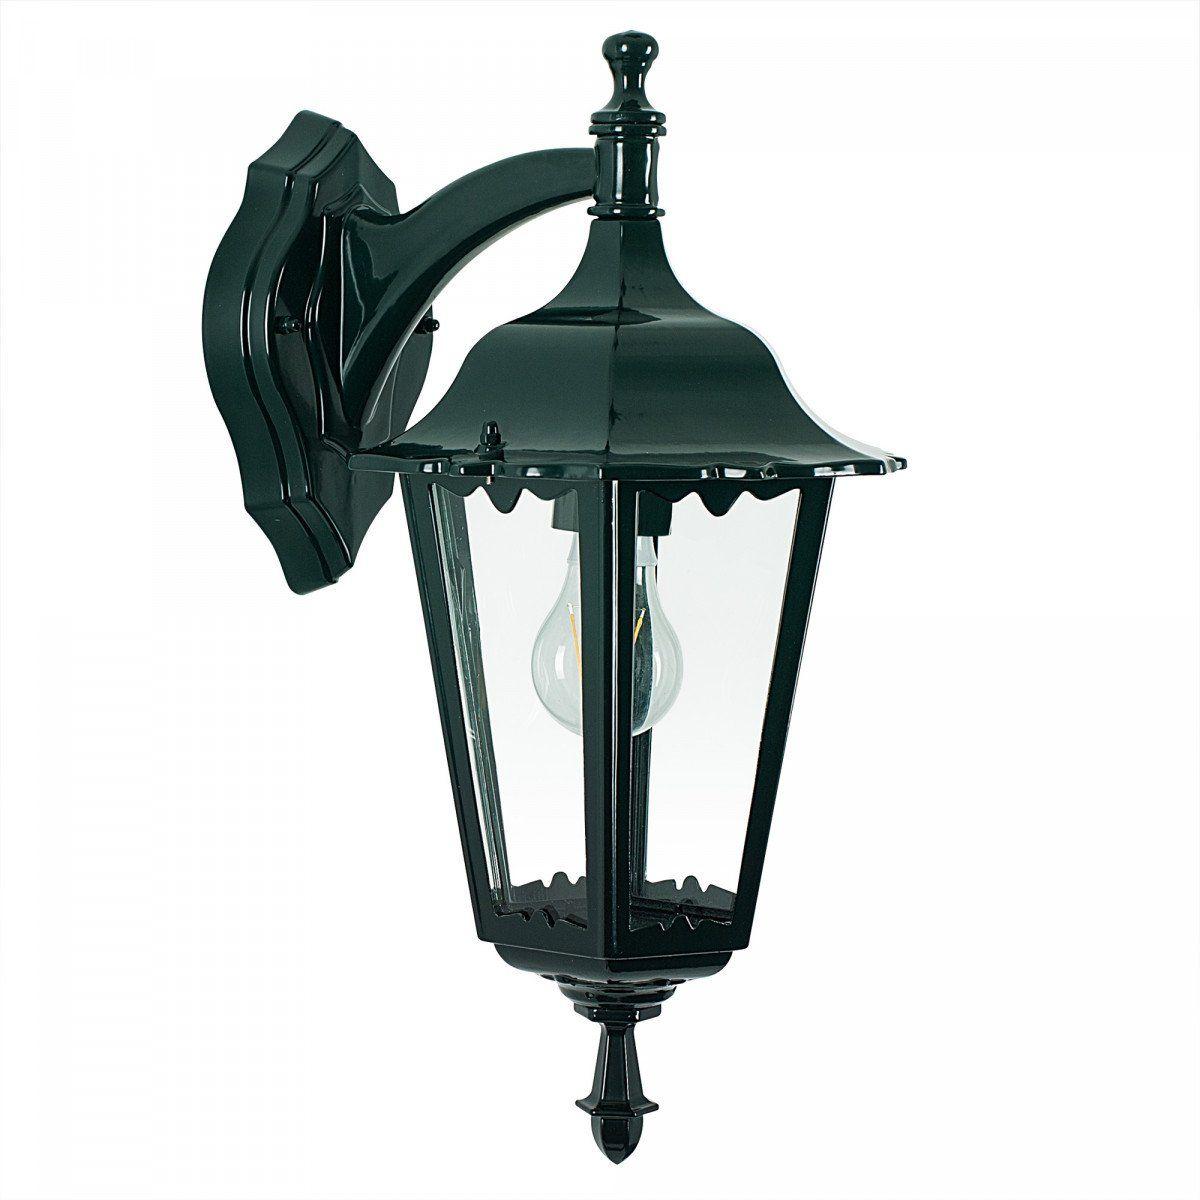 KS Verlichting buiten hang-wandlamp Ancona - groen/zwart